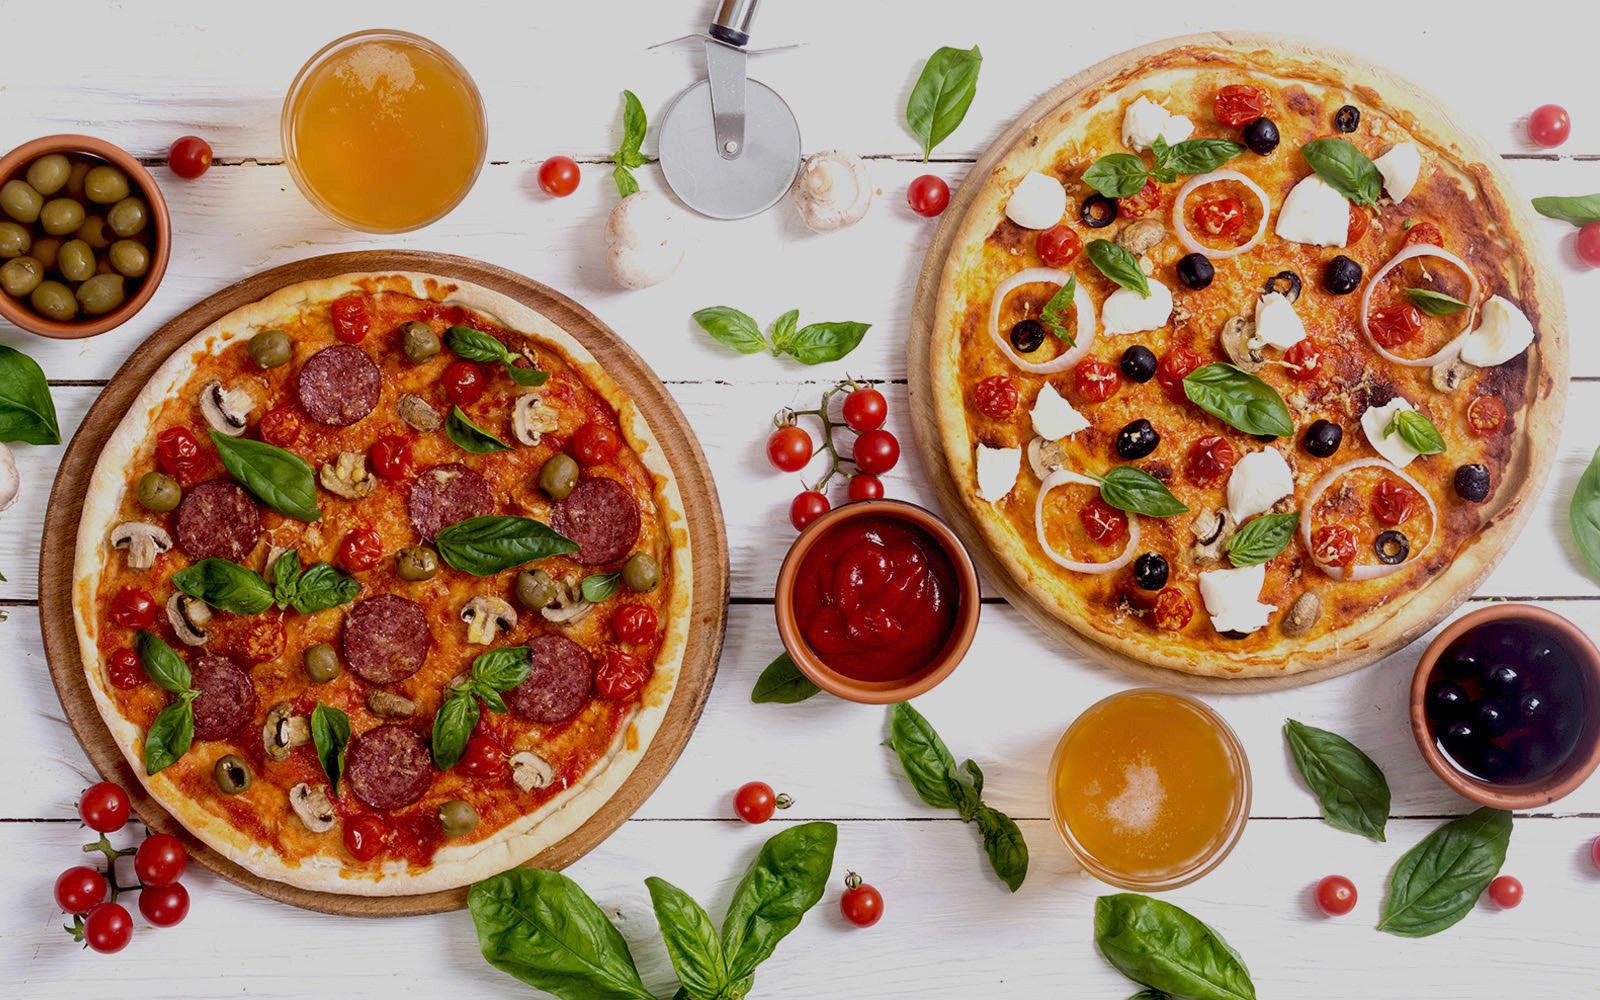 Yummies Yummie Pizza Telscombe Cliffs Takeaway Order